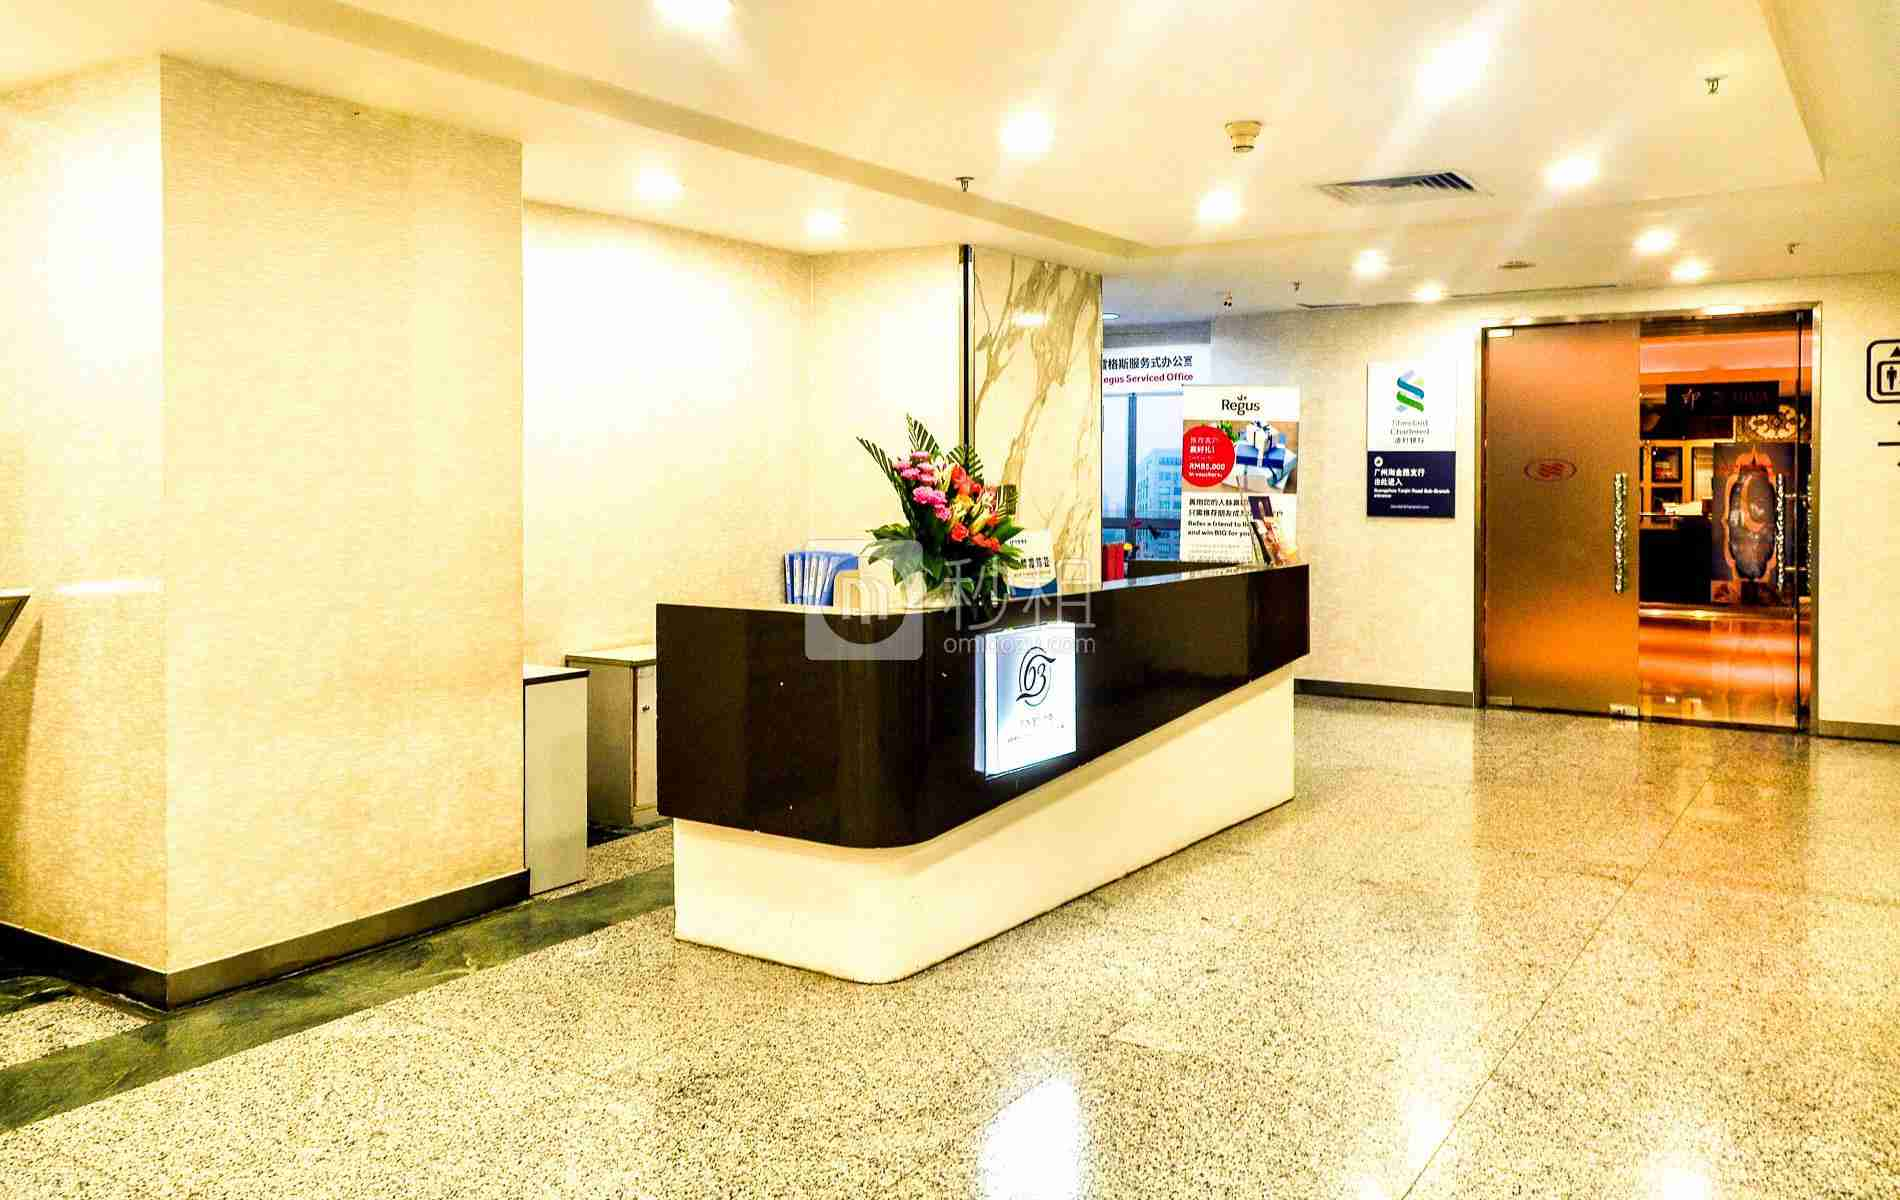 广东国际大厦写字楼出租/招租/租赁,广东国际大厦办公室出租/招租/租赁